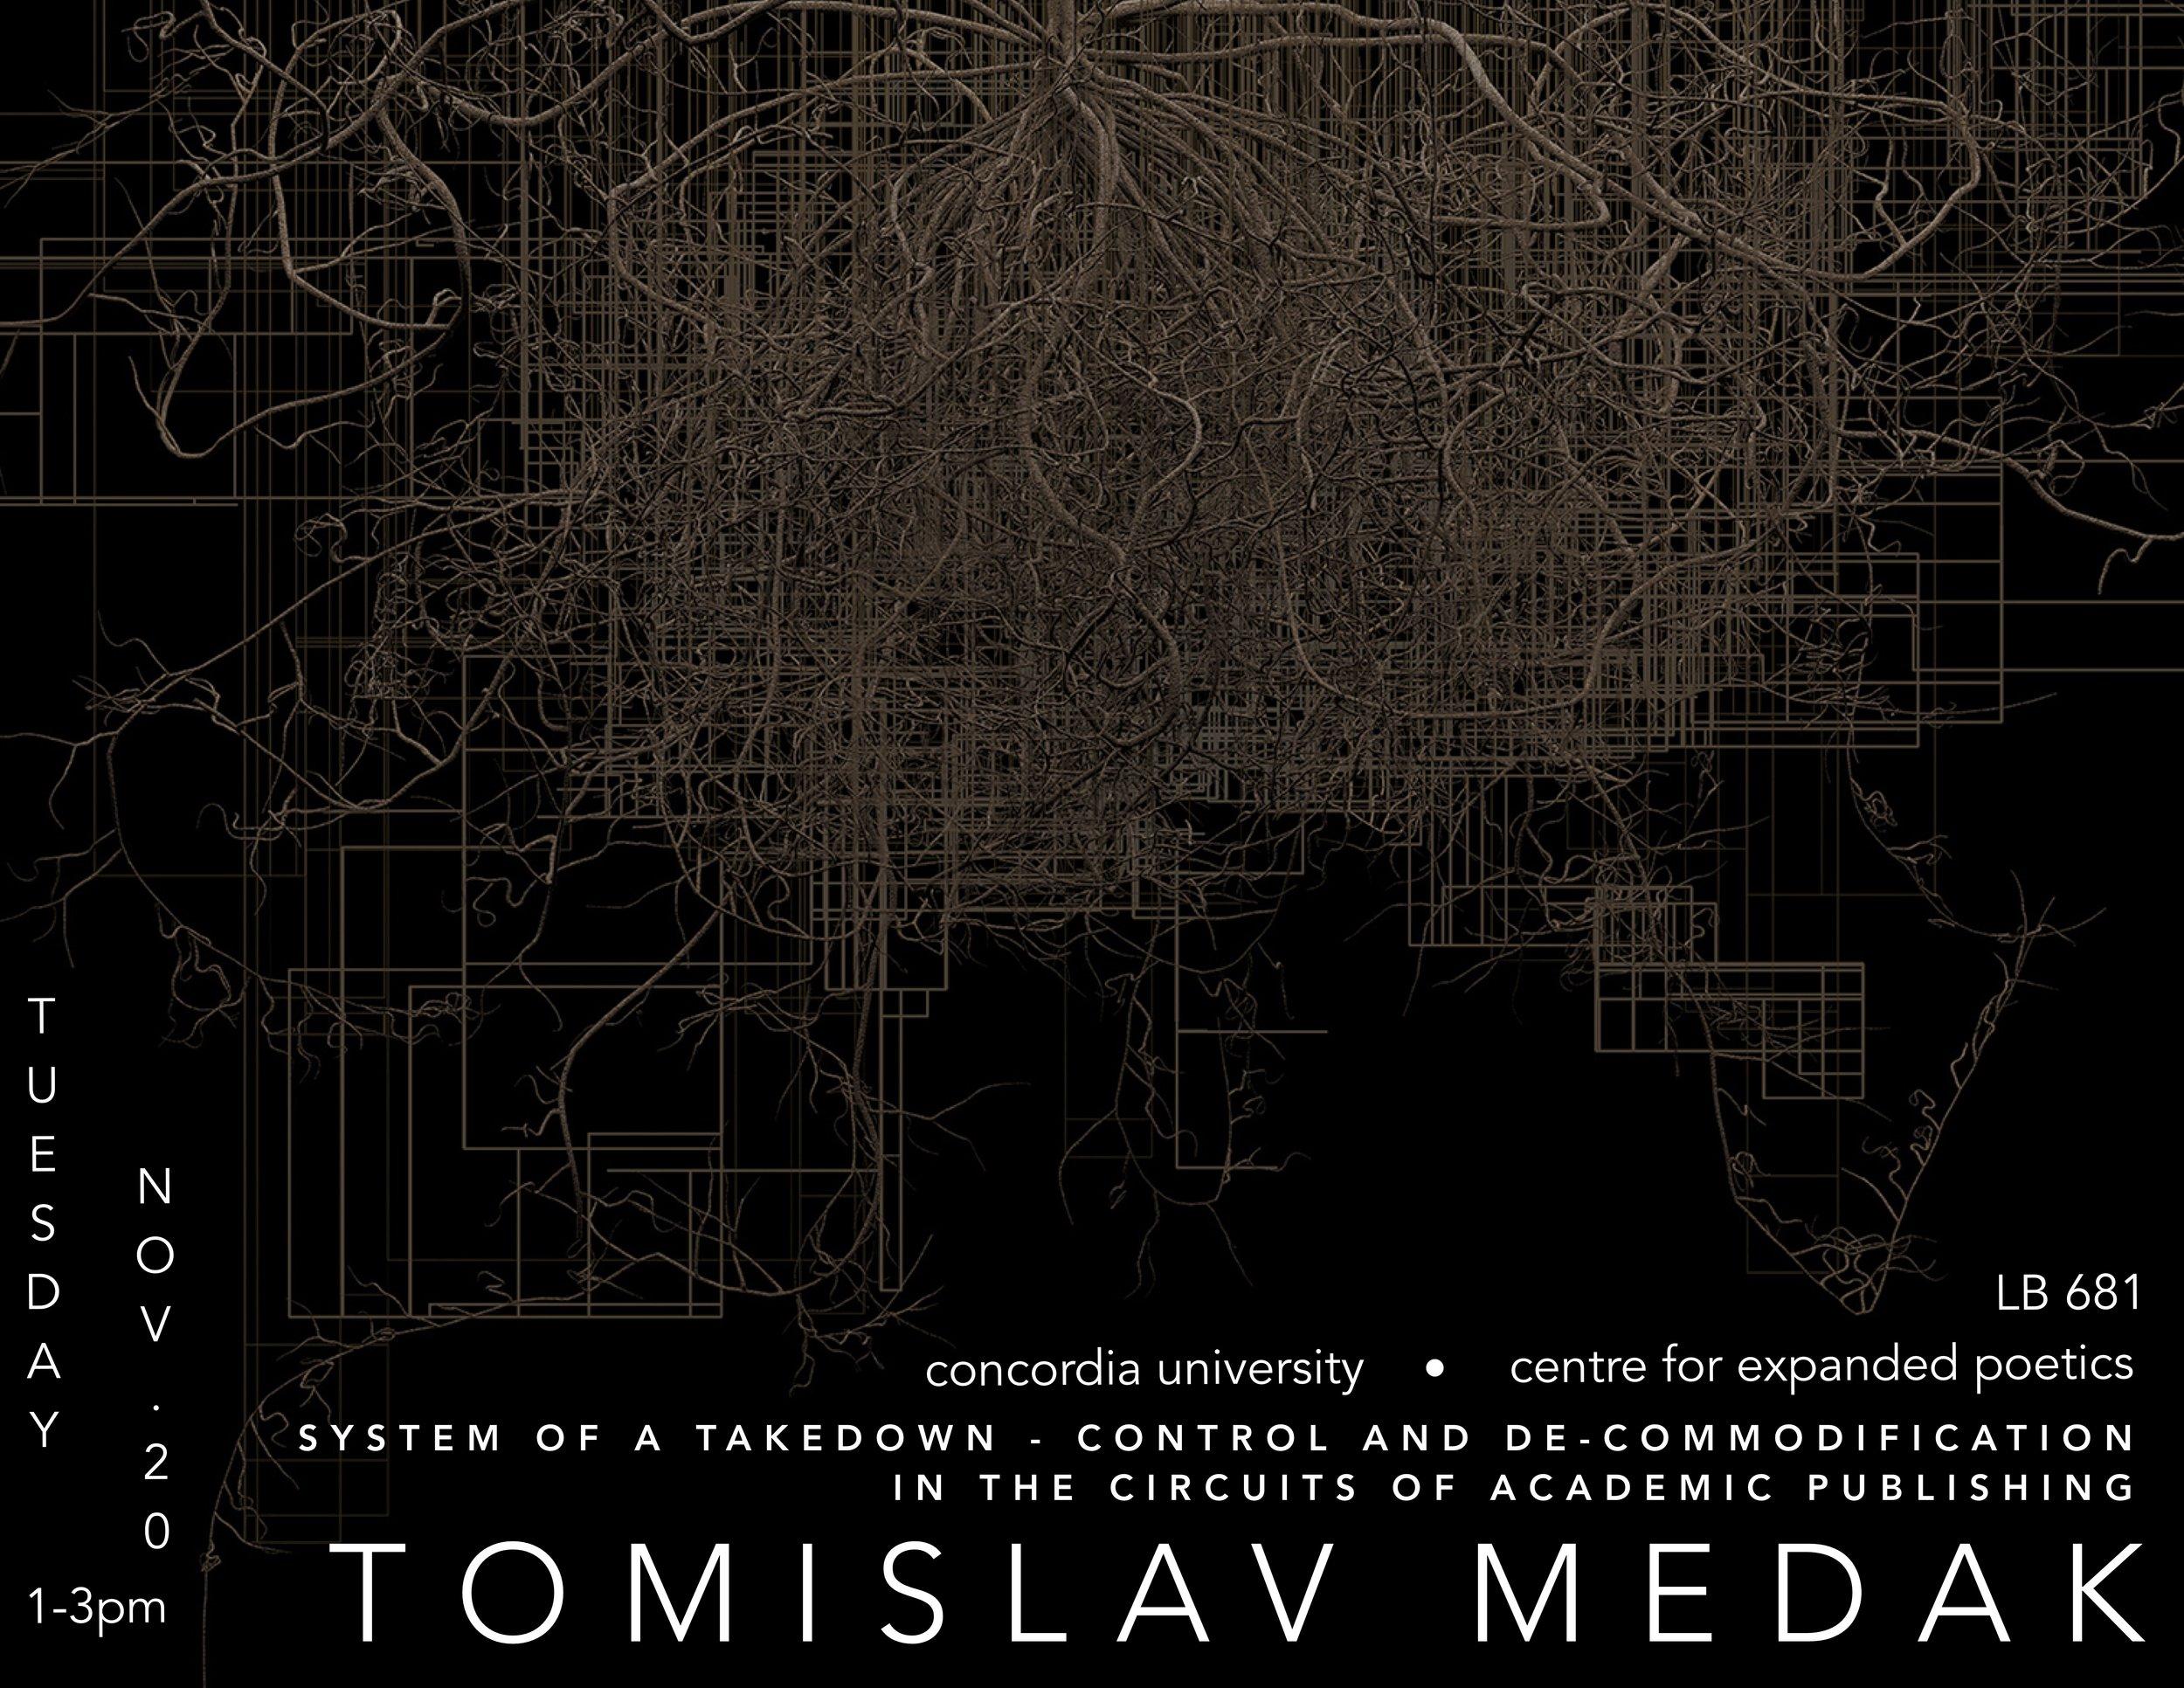 Tomislav.jpg